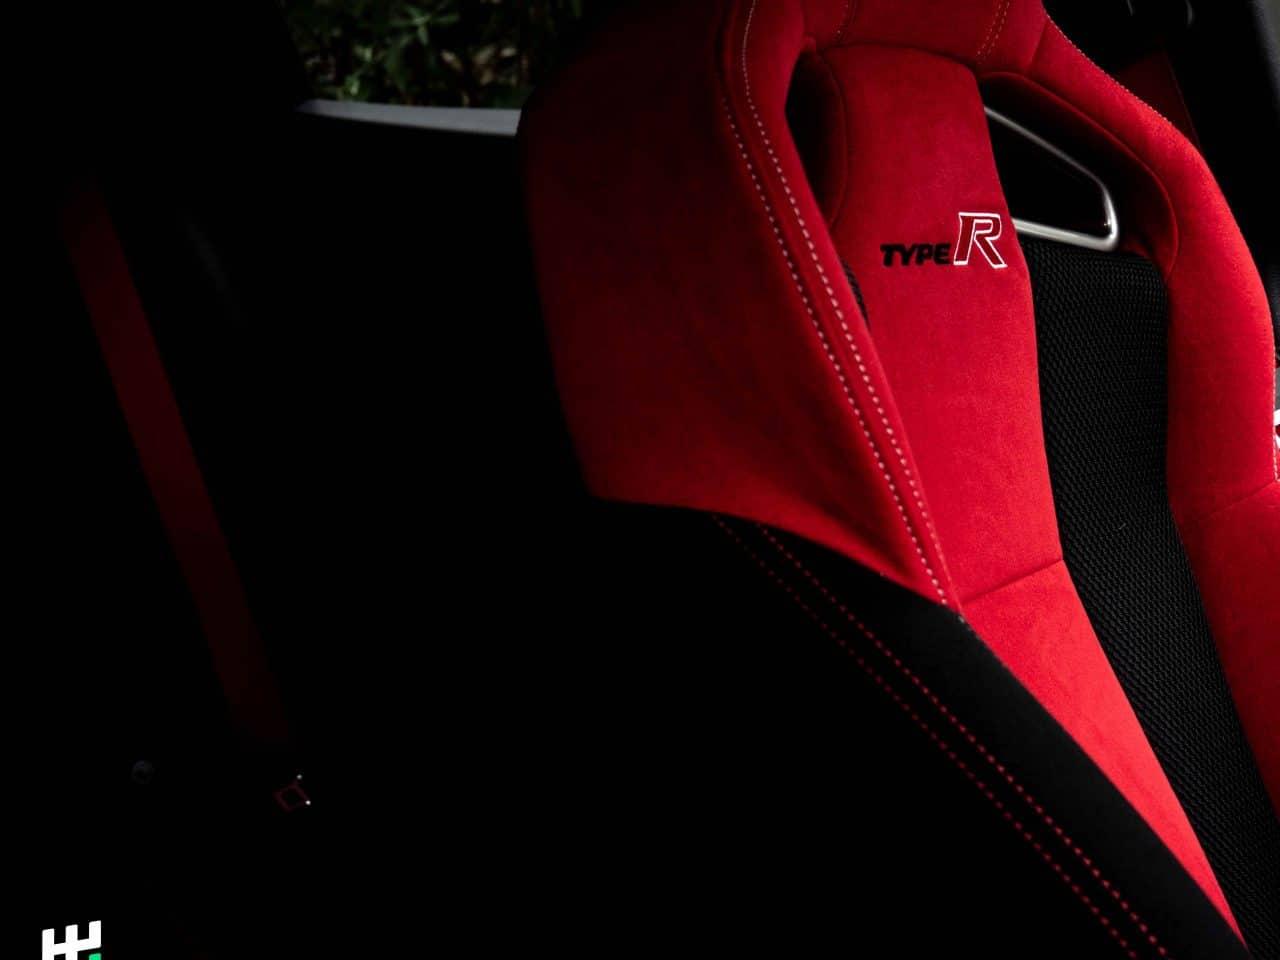 Sièges baquets avant de la Civic Type R FK8